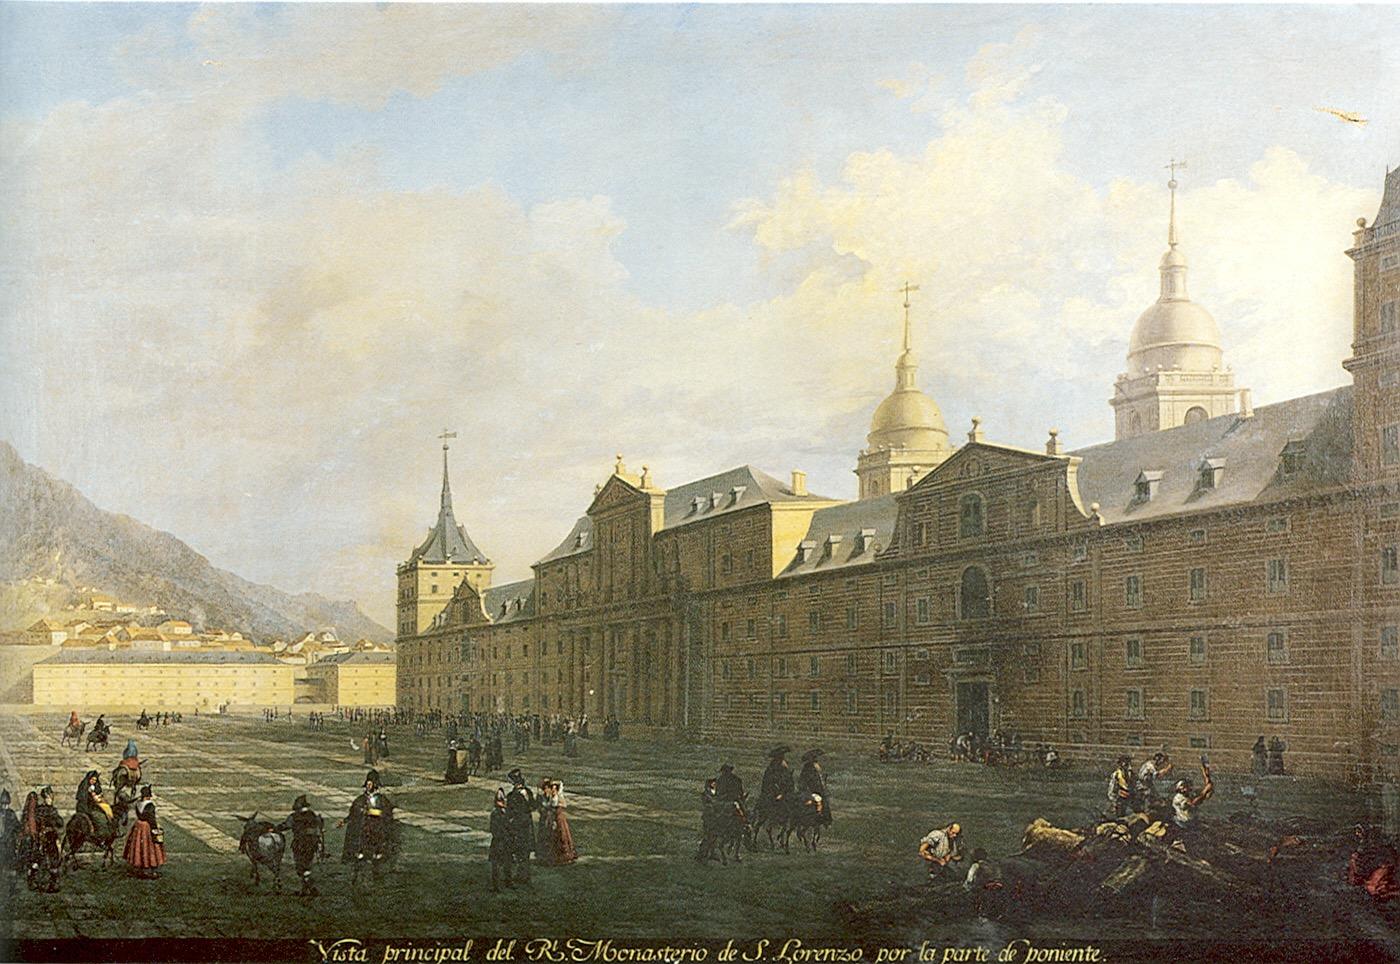 Fernando Brambilla: Vista principal del Real Monasterio por la parte de poniente. Madrid, Patrimonio Nacional.